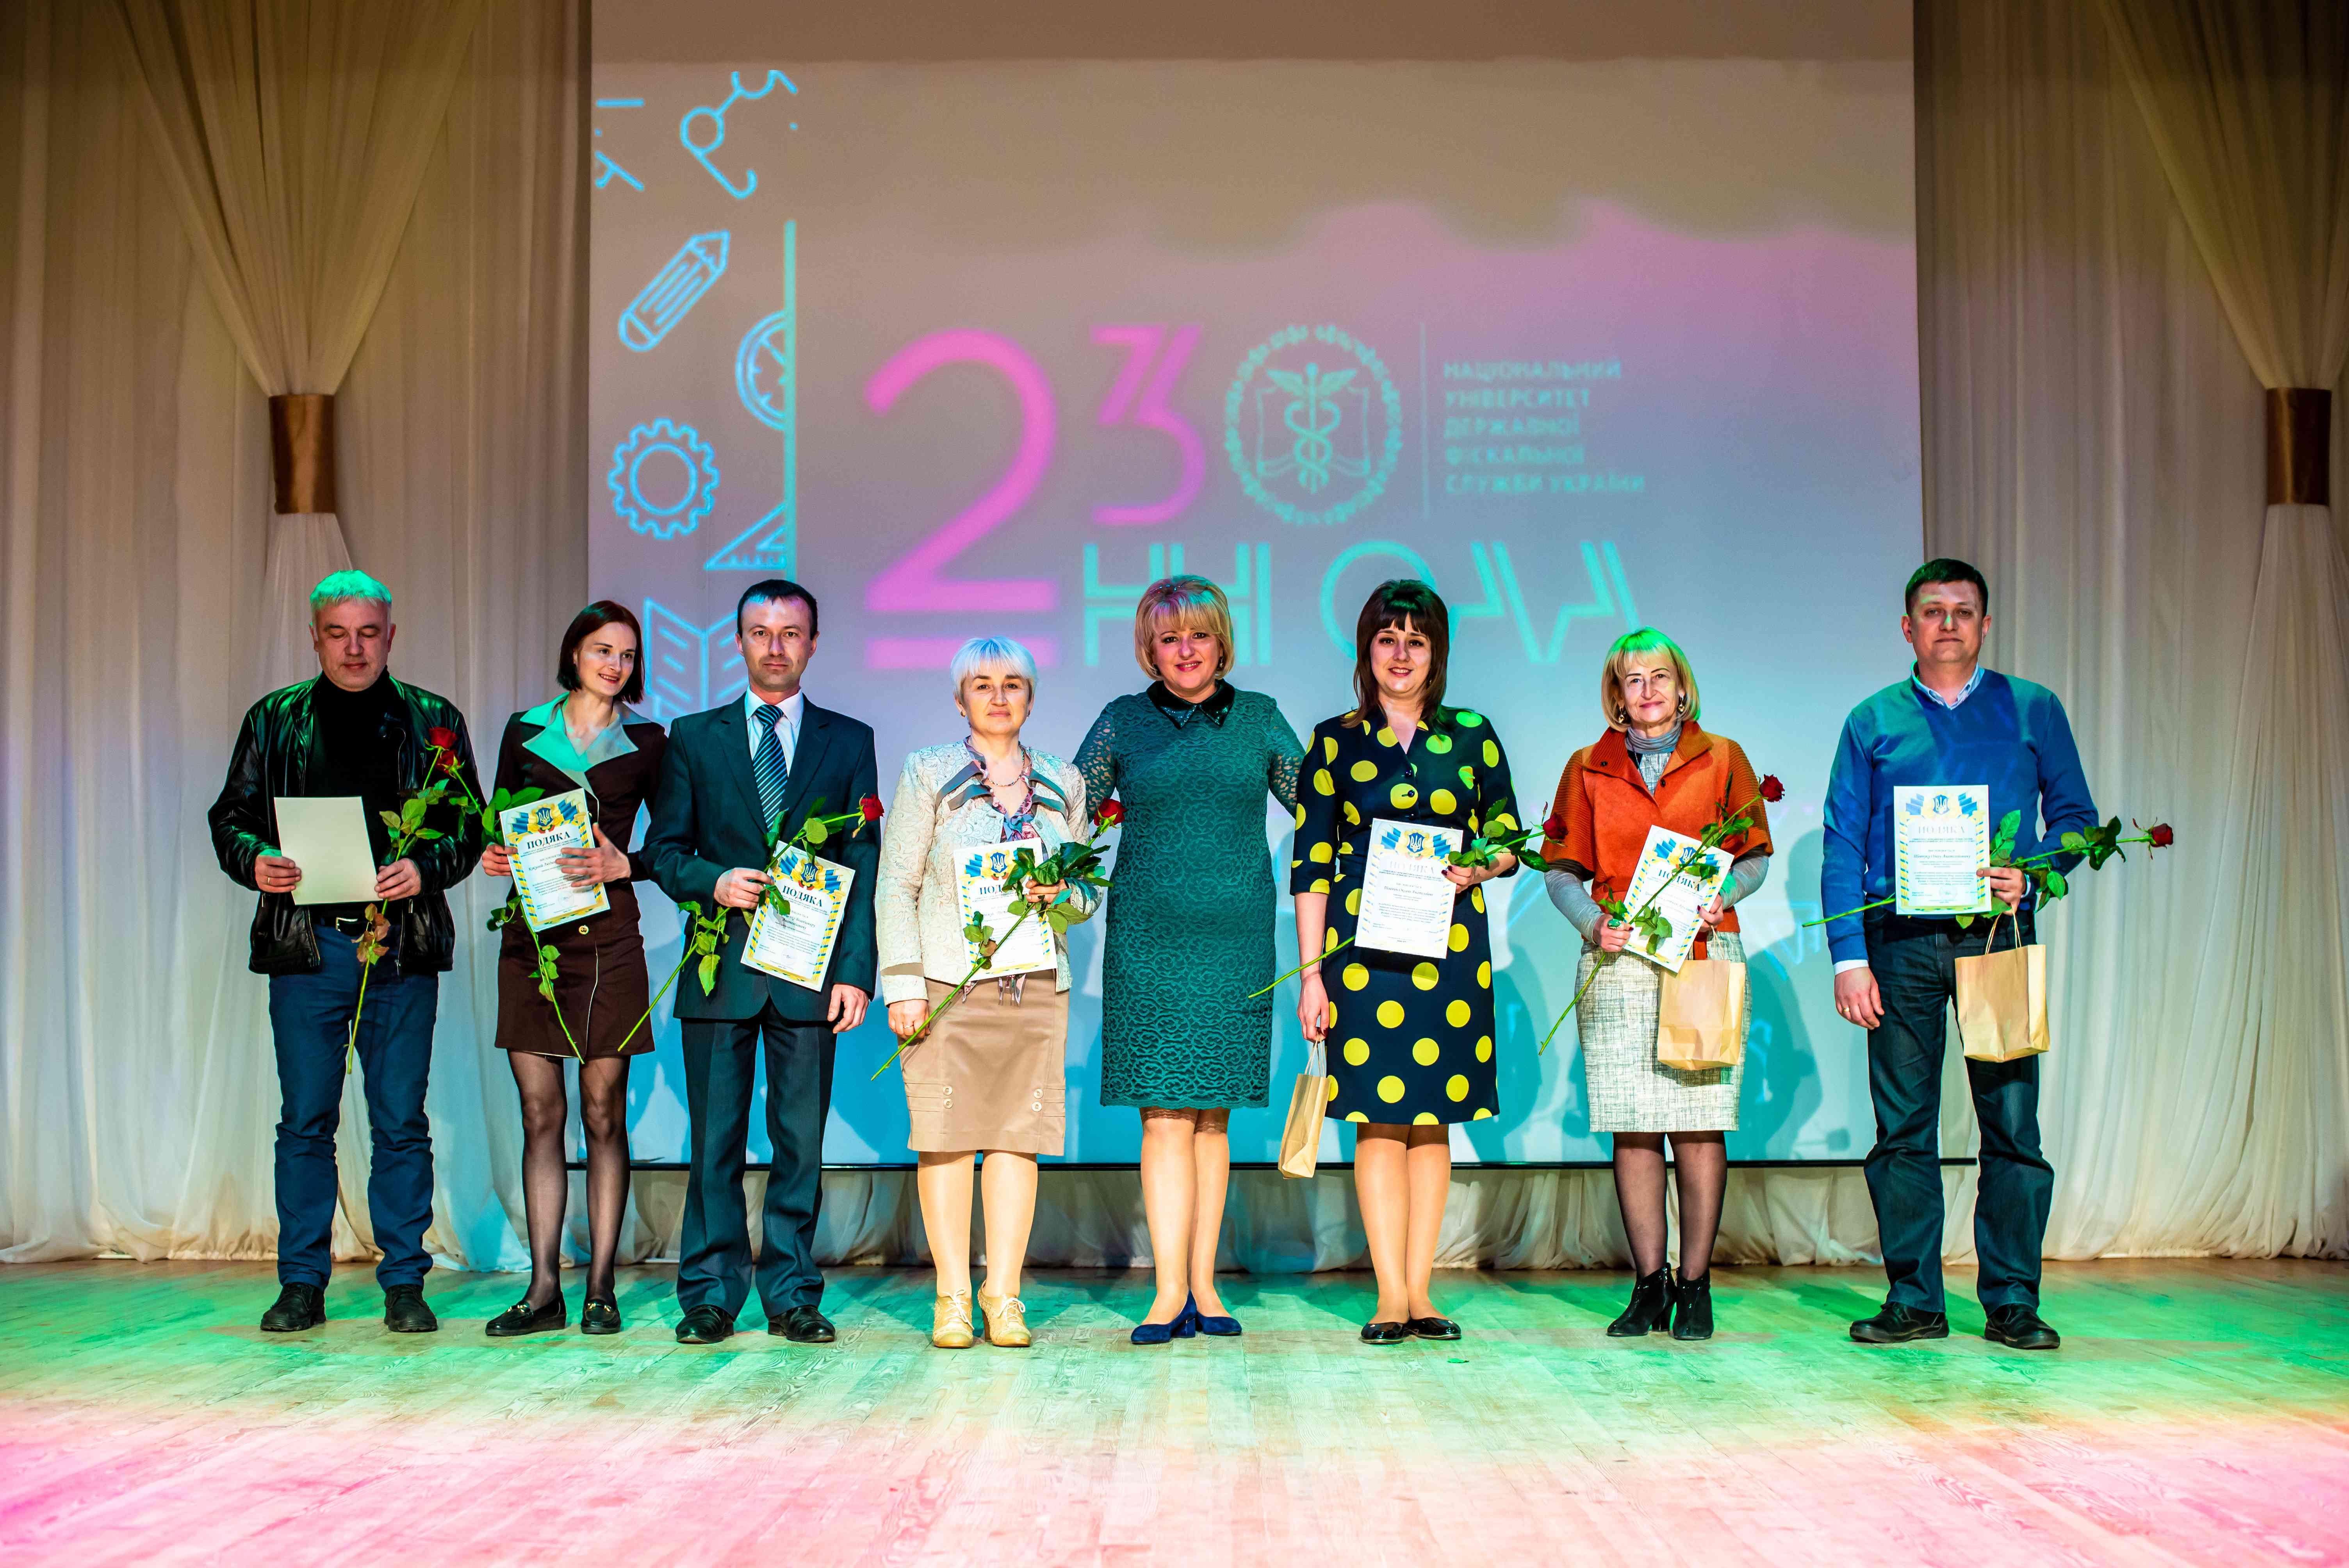 Навчально-науковий інститут обліку, аналізу та аудиту відсвяткував 23-ю річницю з дня створення